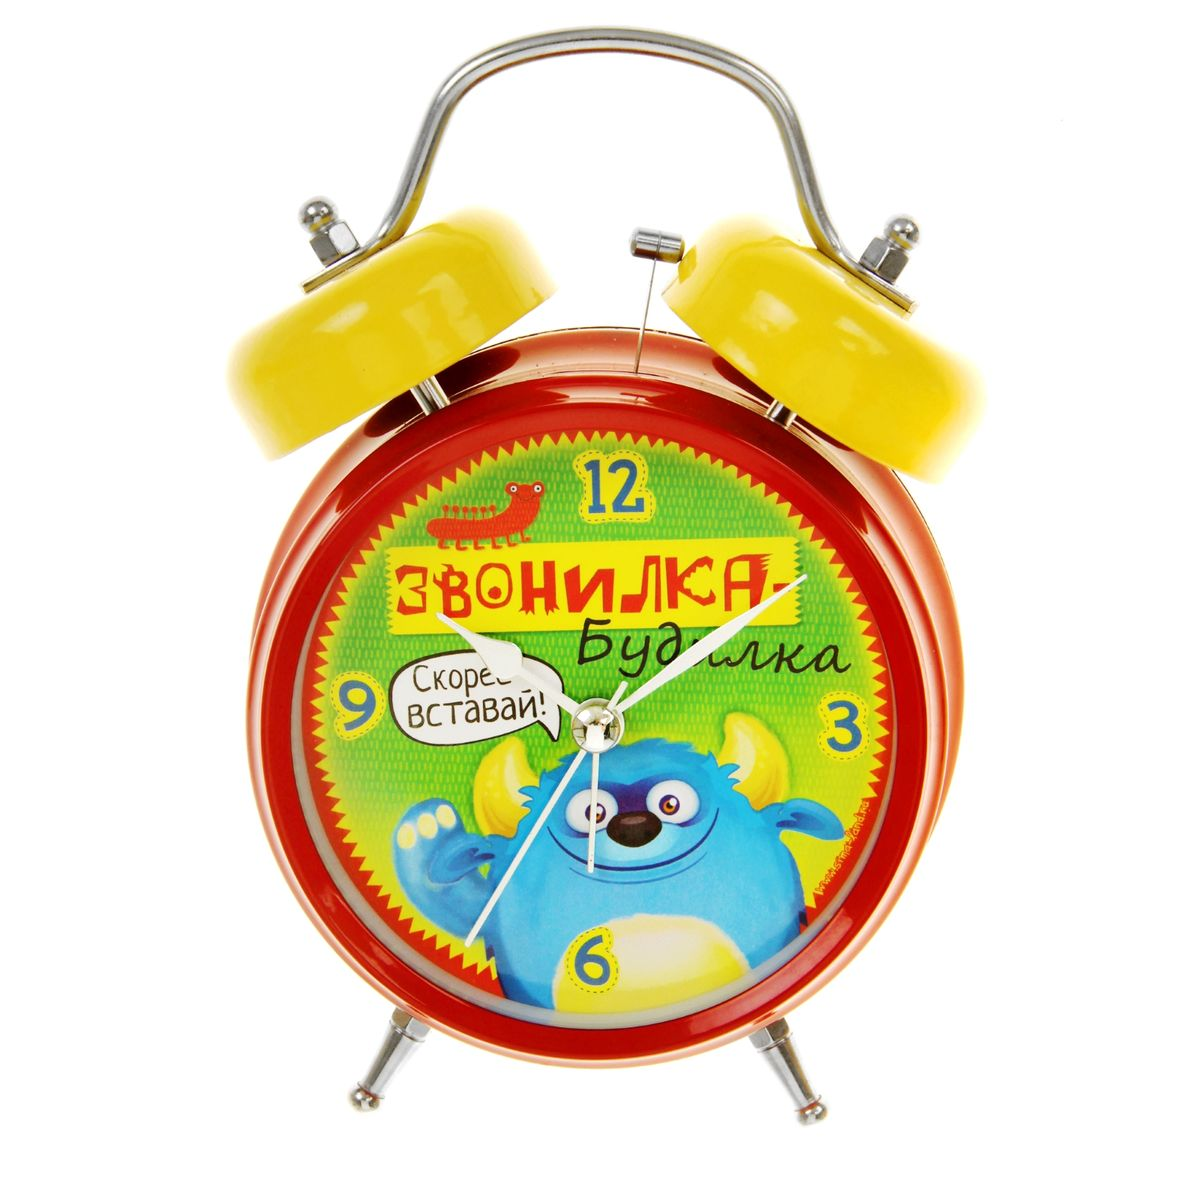 Часы-будильник Sima-land Звонилка-будилкаVT-3517(BK)Как же сложно иногда вставать вовремя! Всегда так хочется поспать еще хотя бы 5 минут и бывает, что мы просыпаем. Теперь этого не случится! Яркий, оригинальный будильник Sima-land Звонилка-будилка поможет вам всегда вставать в нужное время и успевать везде и всюду.Корпус будильника выполнен из металла. Циферблат оформлен изображением забавного монстрика и надписью: Звонилка-будилка, имеет индикацию арабскими цифрами. Часы снабжены 4 стрелками (секундная, минутная, часовая и для будильника). На задней панели будильника расположен переключатель включения/выключения механизма, а также два колесика для настройки текущего времени и времени звонка будильника. Пользоваться будильником очень легко: нужно всего лишь поставить батарейки, настроить точное время и установить время звонка. Необходимо докупить 2 батарейки типа АА (не входят в комплект).